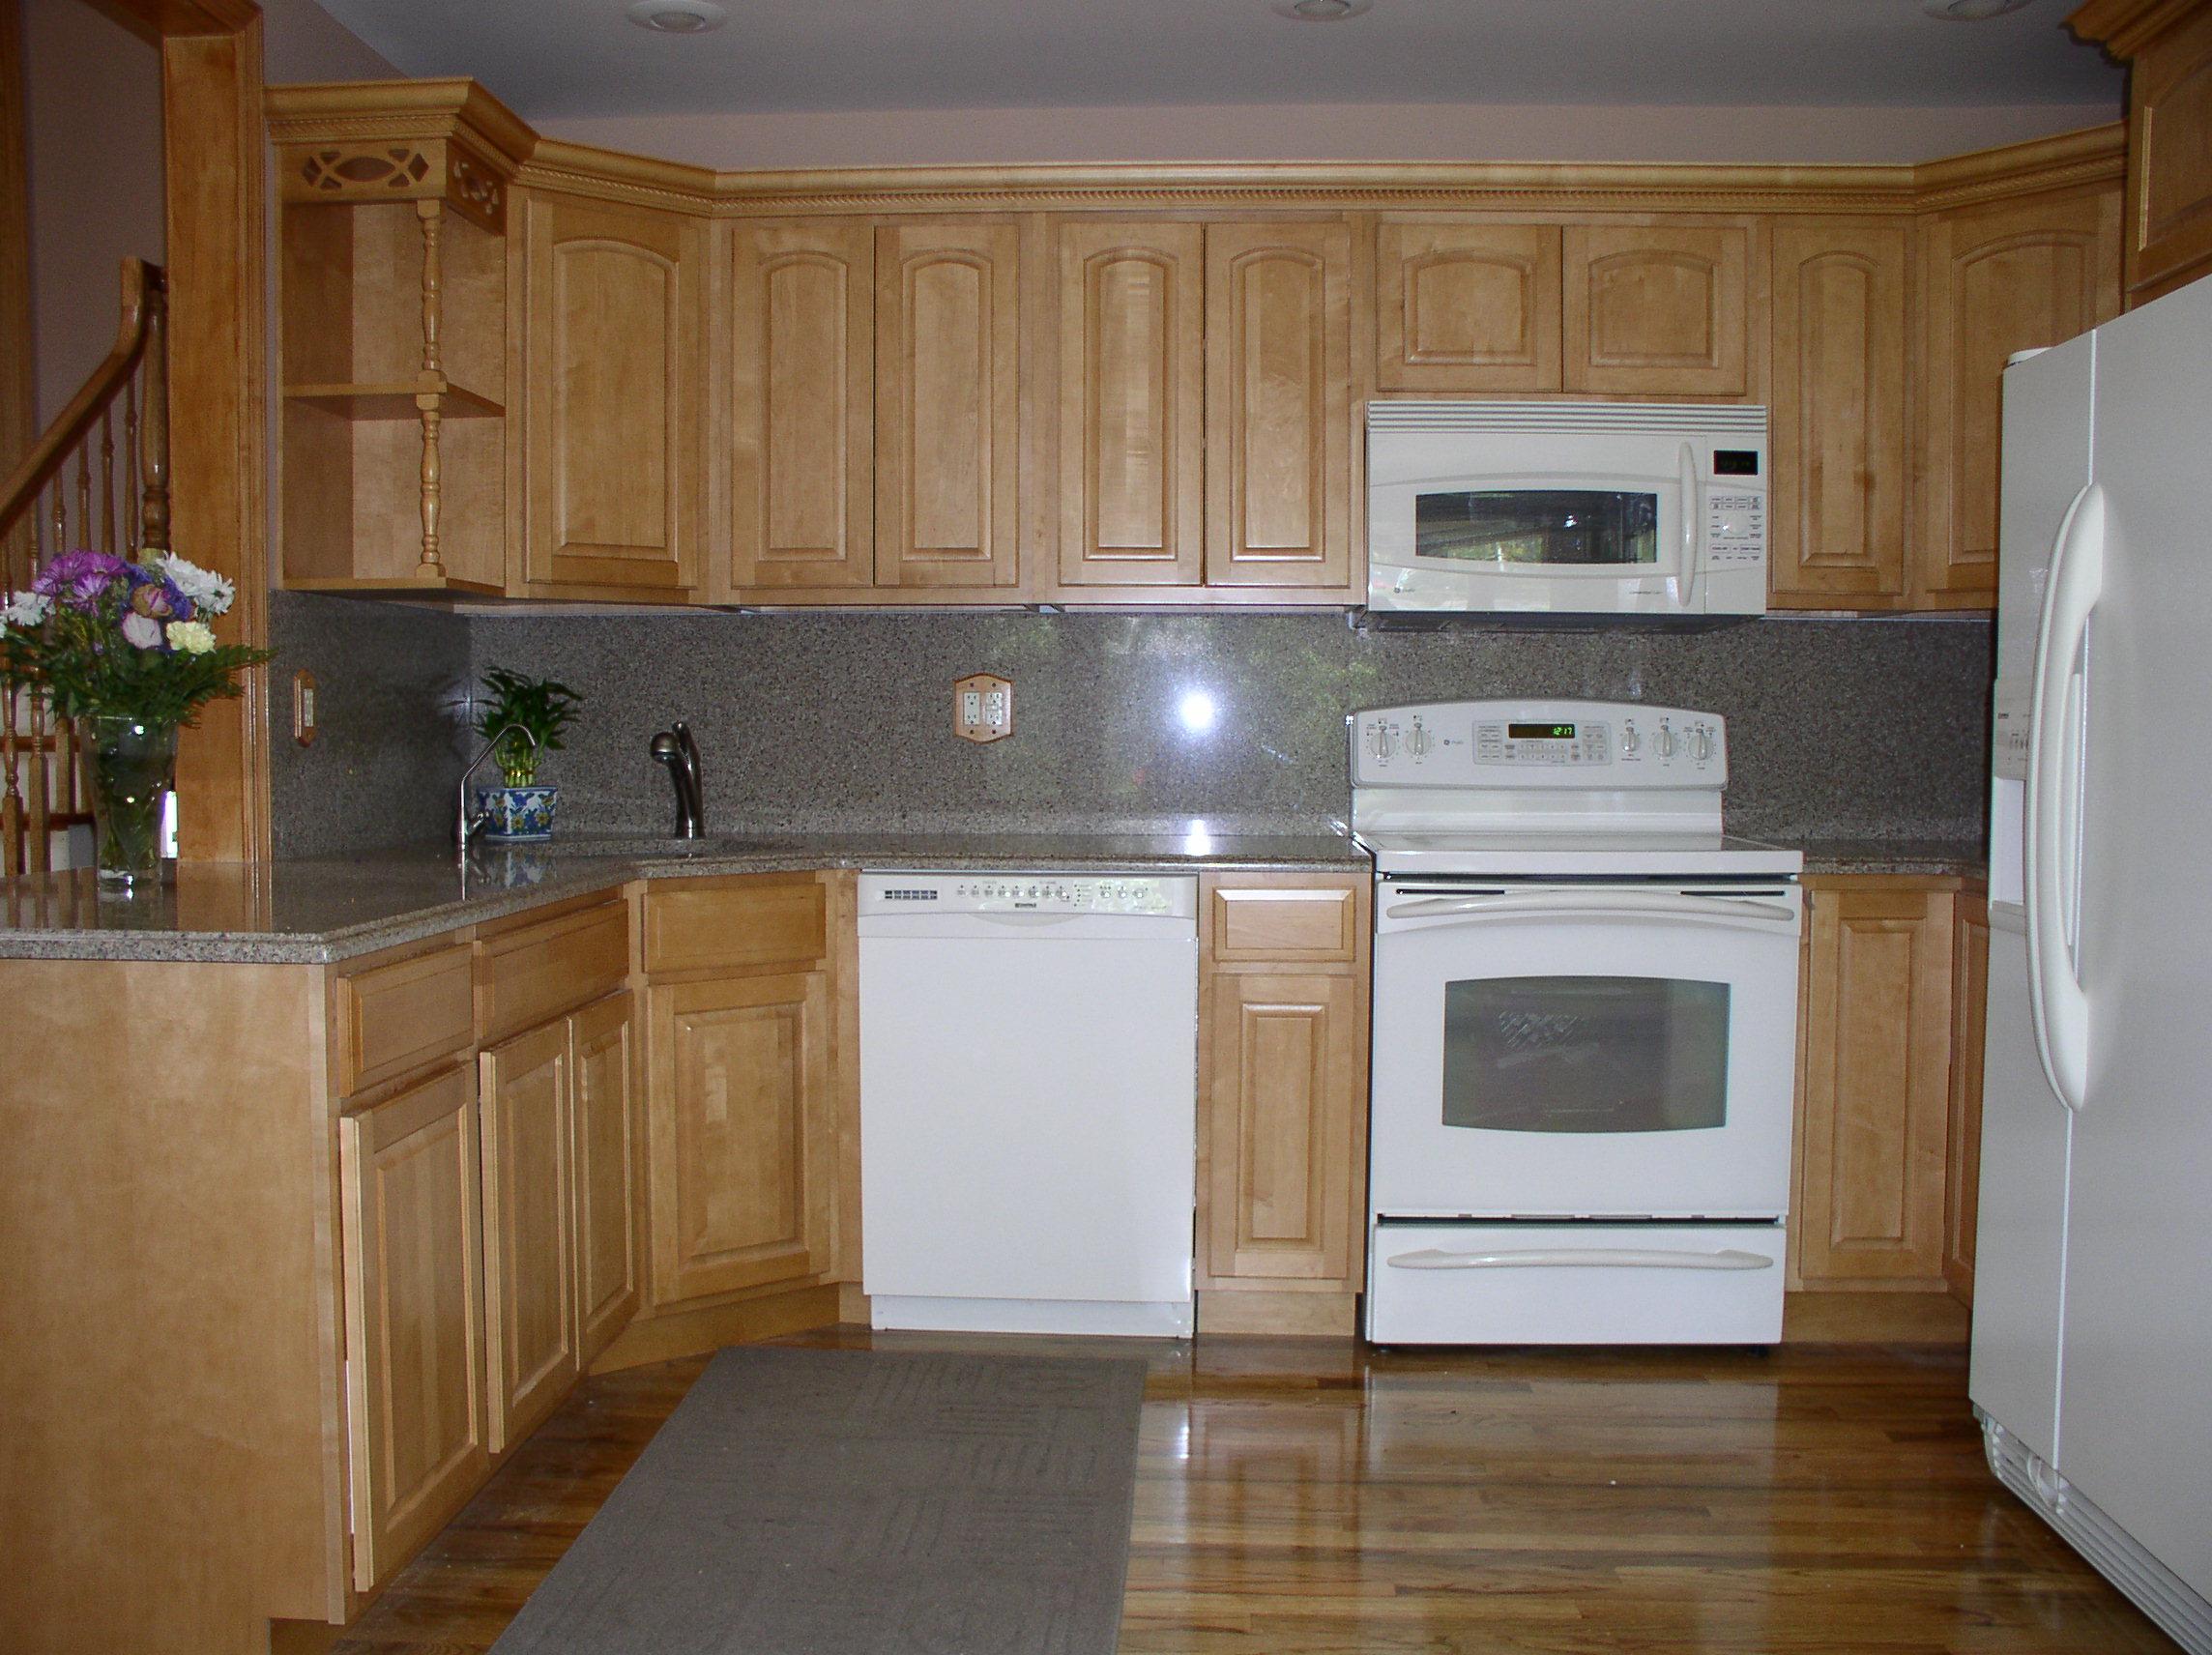 Munkwitz Kitchen